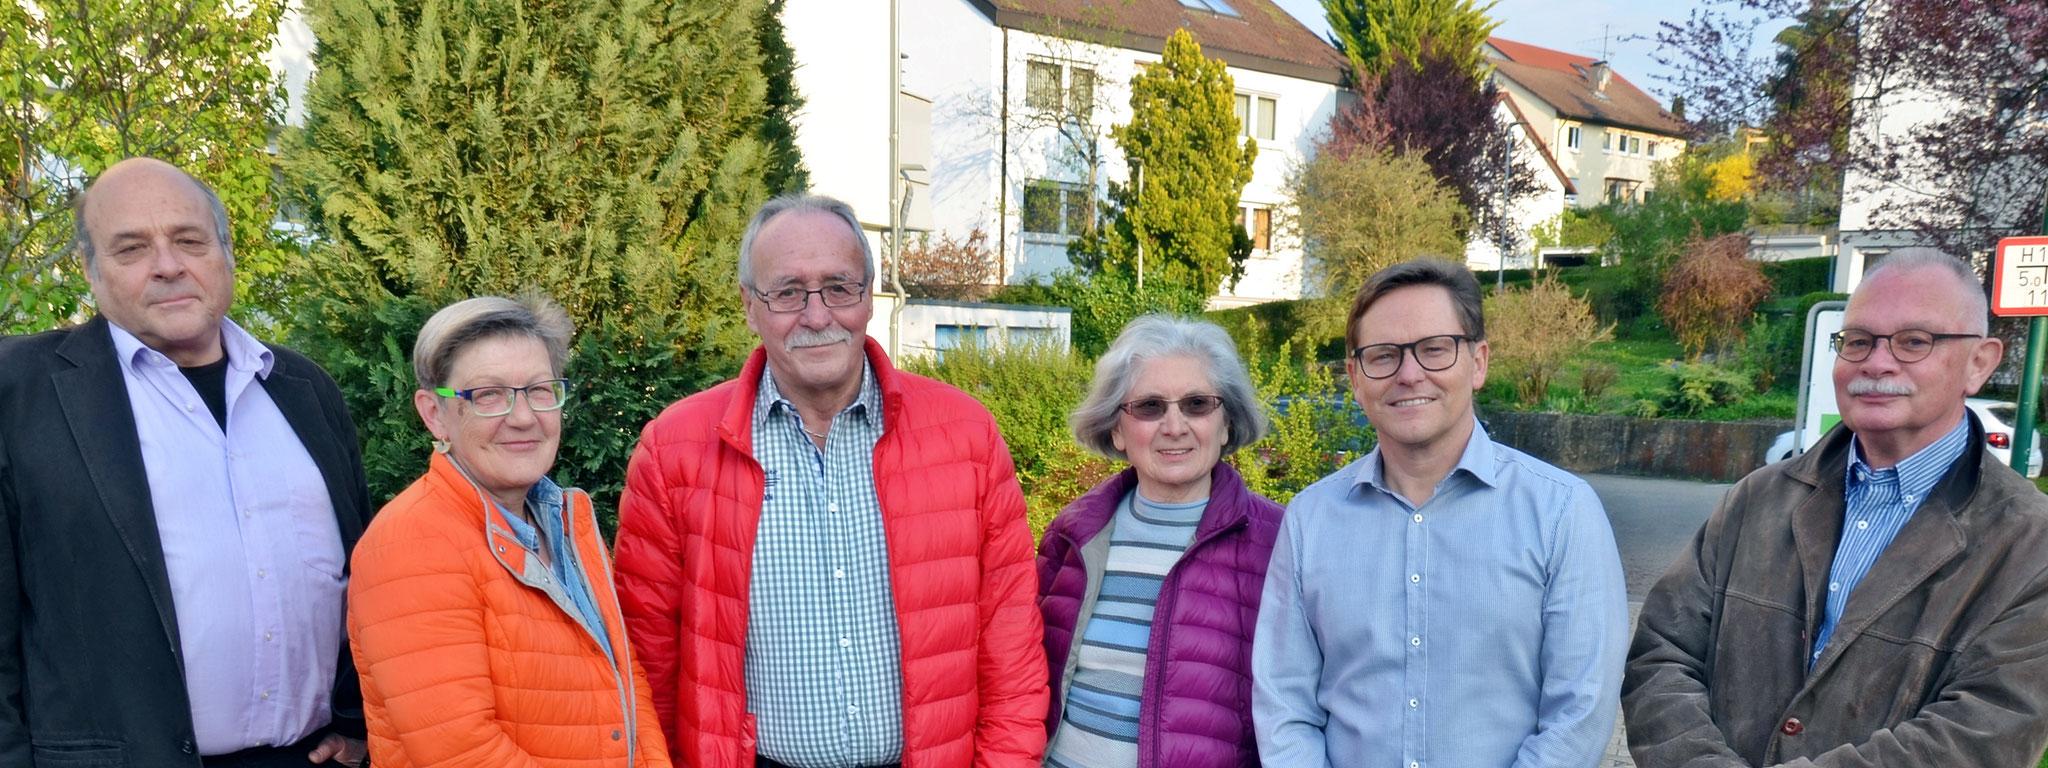 Manfred Ziegler | Ines Latowitz | Harald Zabel | Elwire Thomas | Thomas Heinrich | Leonhard Jünger | es fehlt auf dem Bild Gretel Schlotter